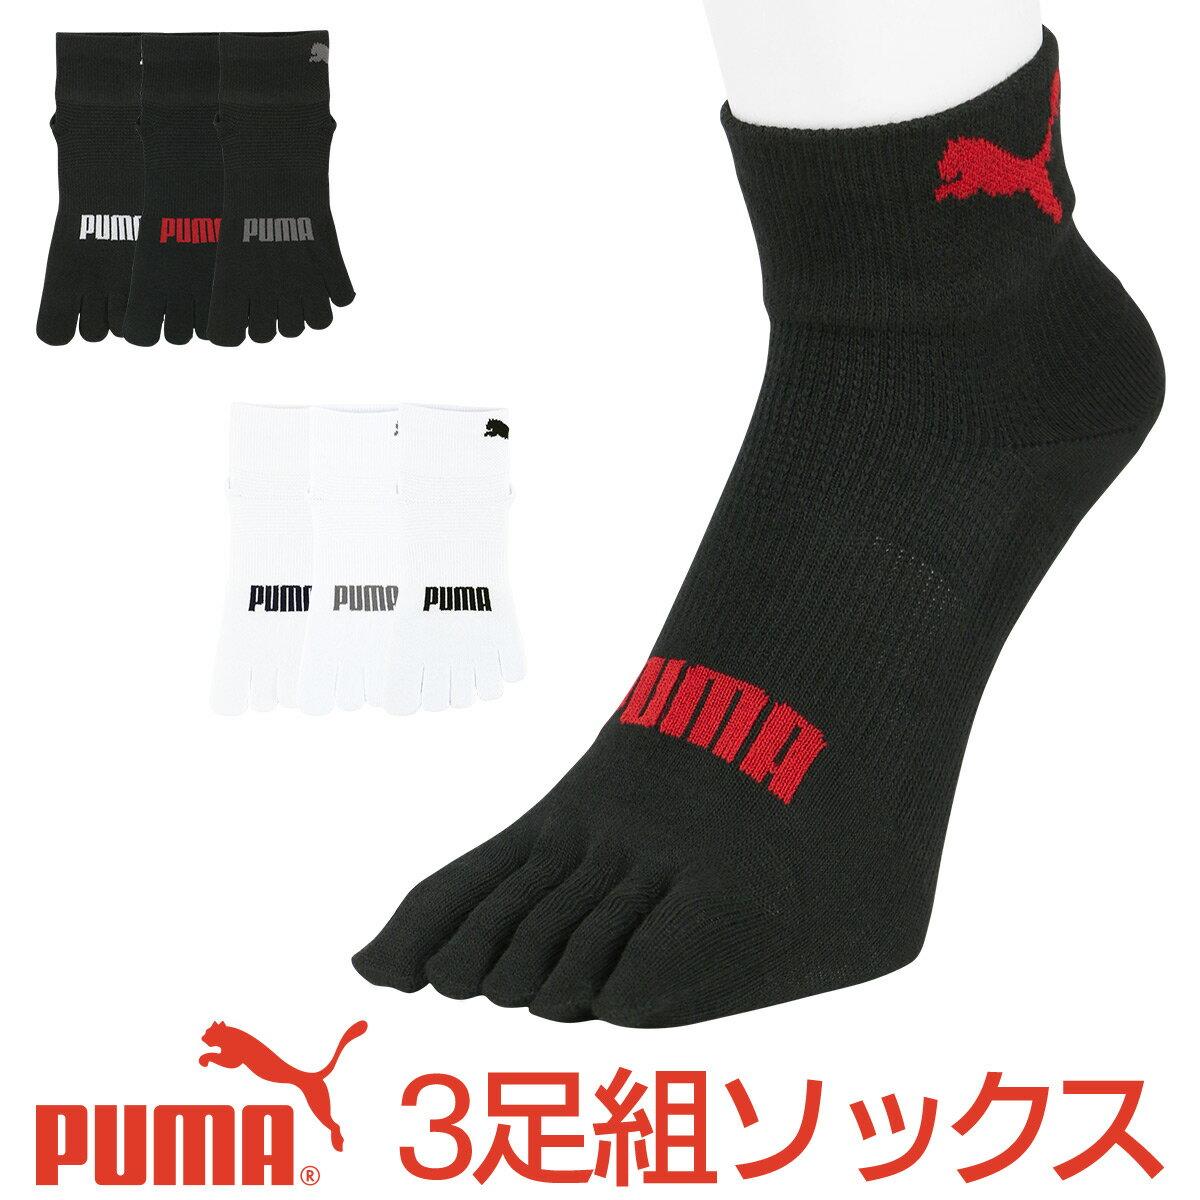 PUMA ( プーマ ) メンズ 抗菌防臭・アーチサポート・高機能 パフォーマンス 3足組ショート丈 五本指 ソックス マラソン ランニング ソックス 2822-645 【ゆうパケット・1点まで】